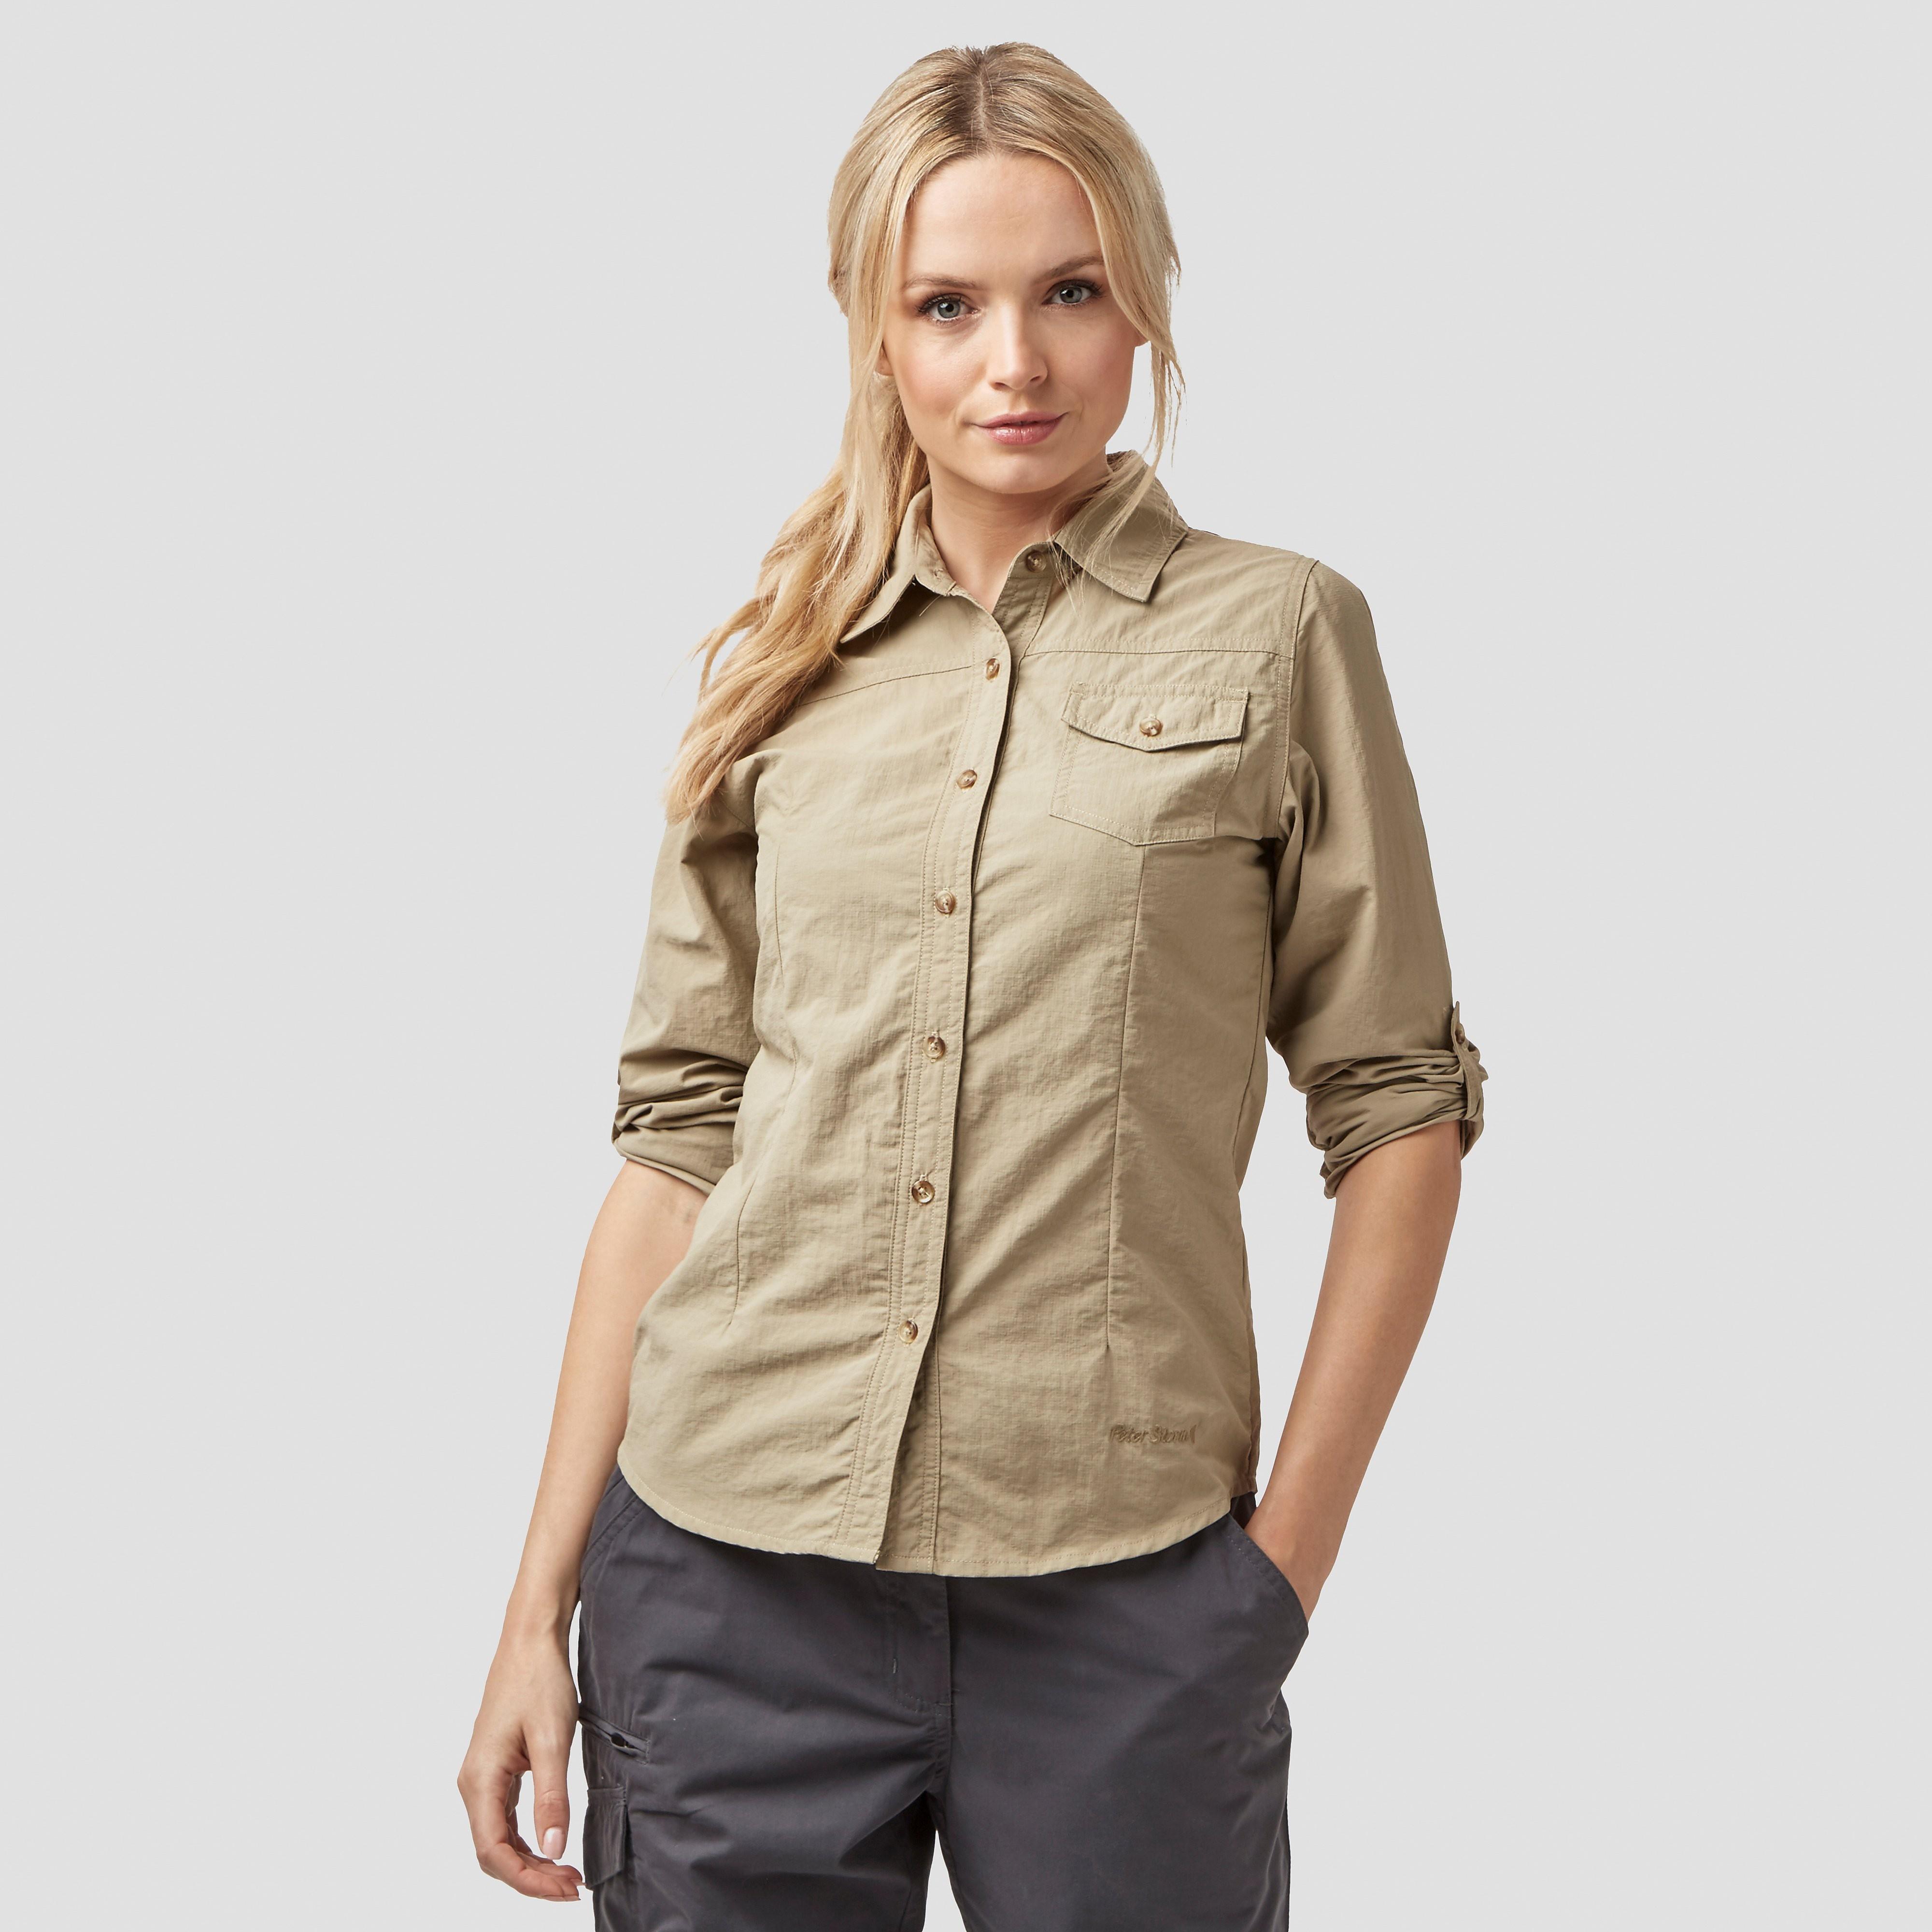 Peter Storm Travel Women's Shirt